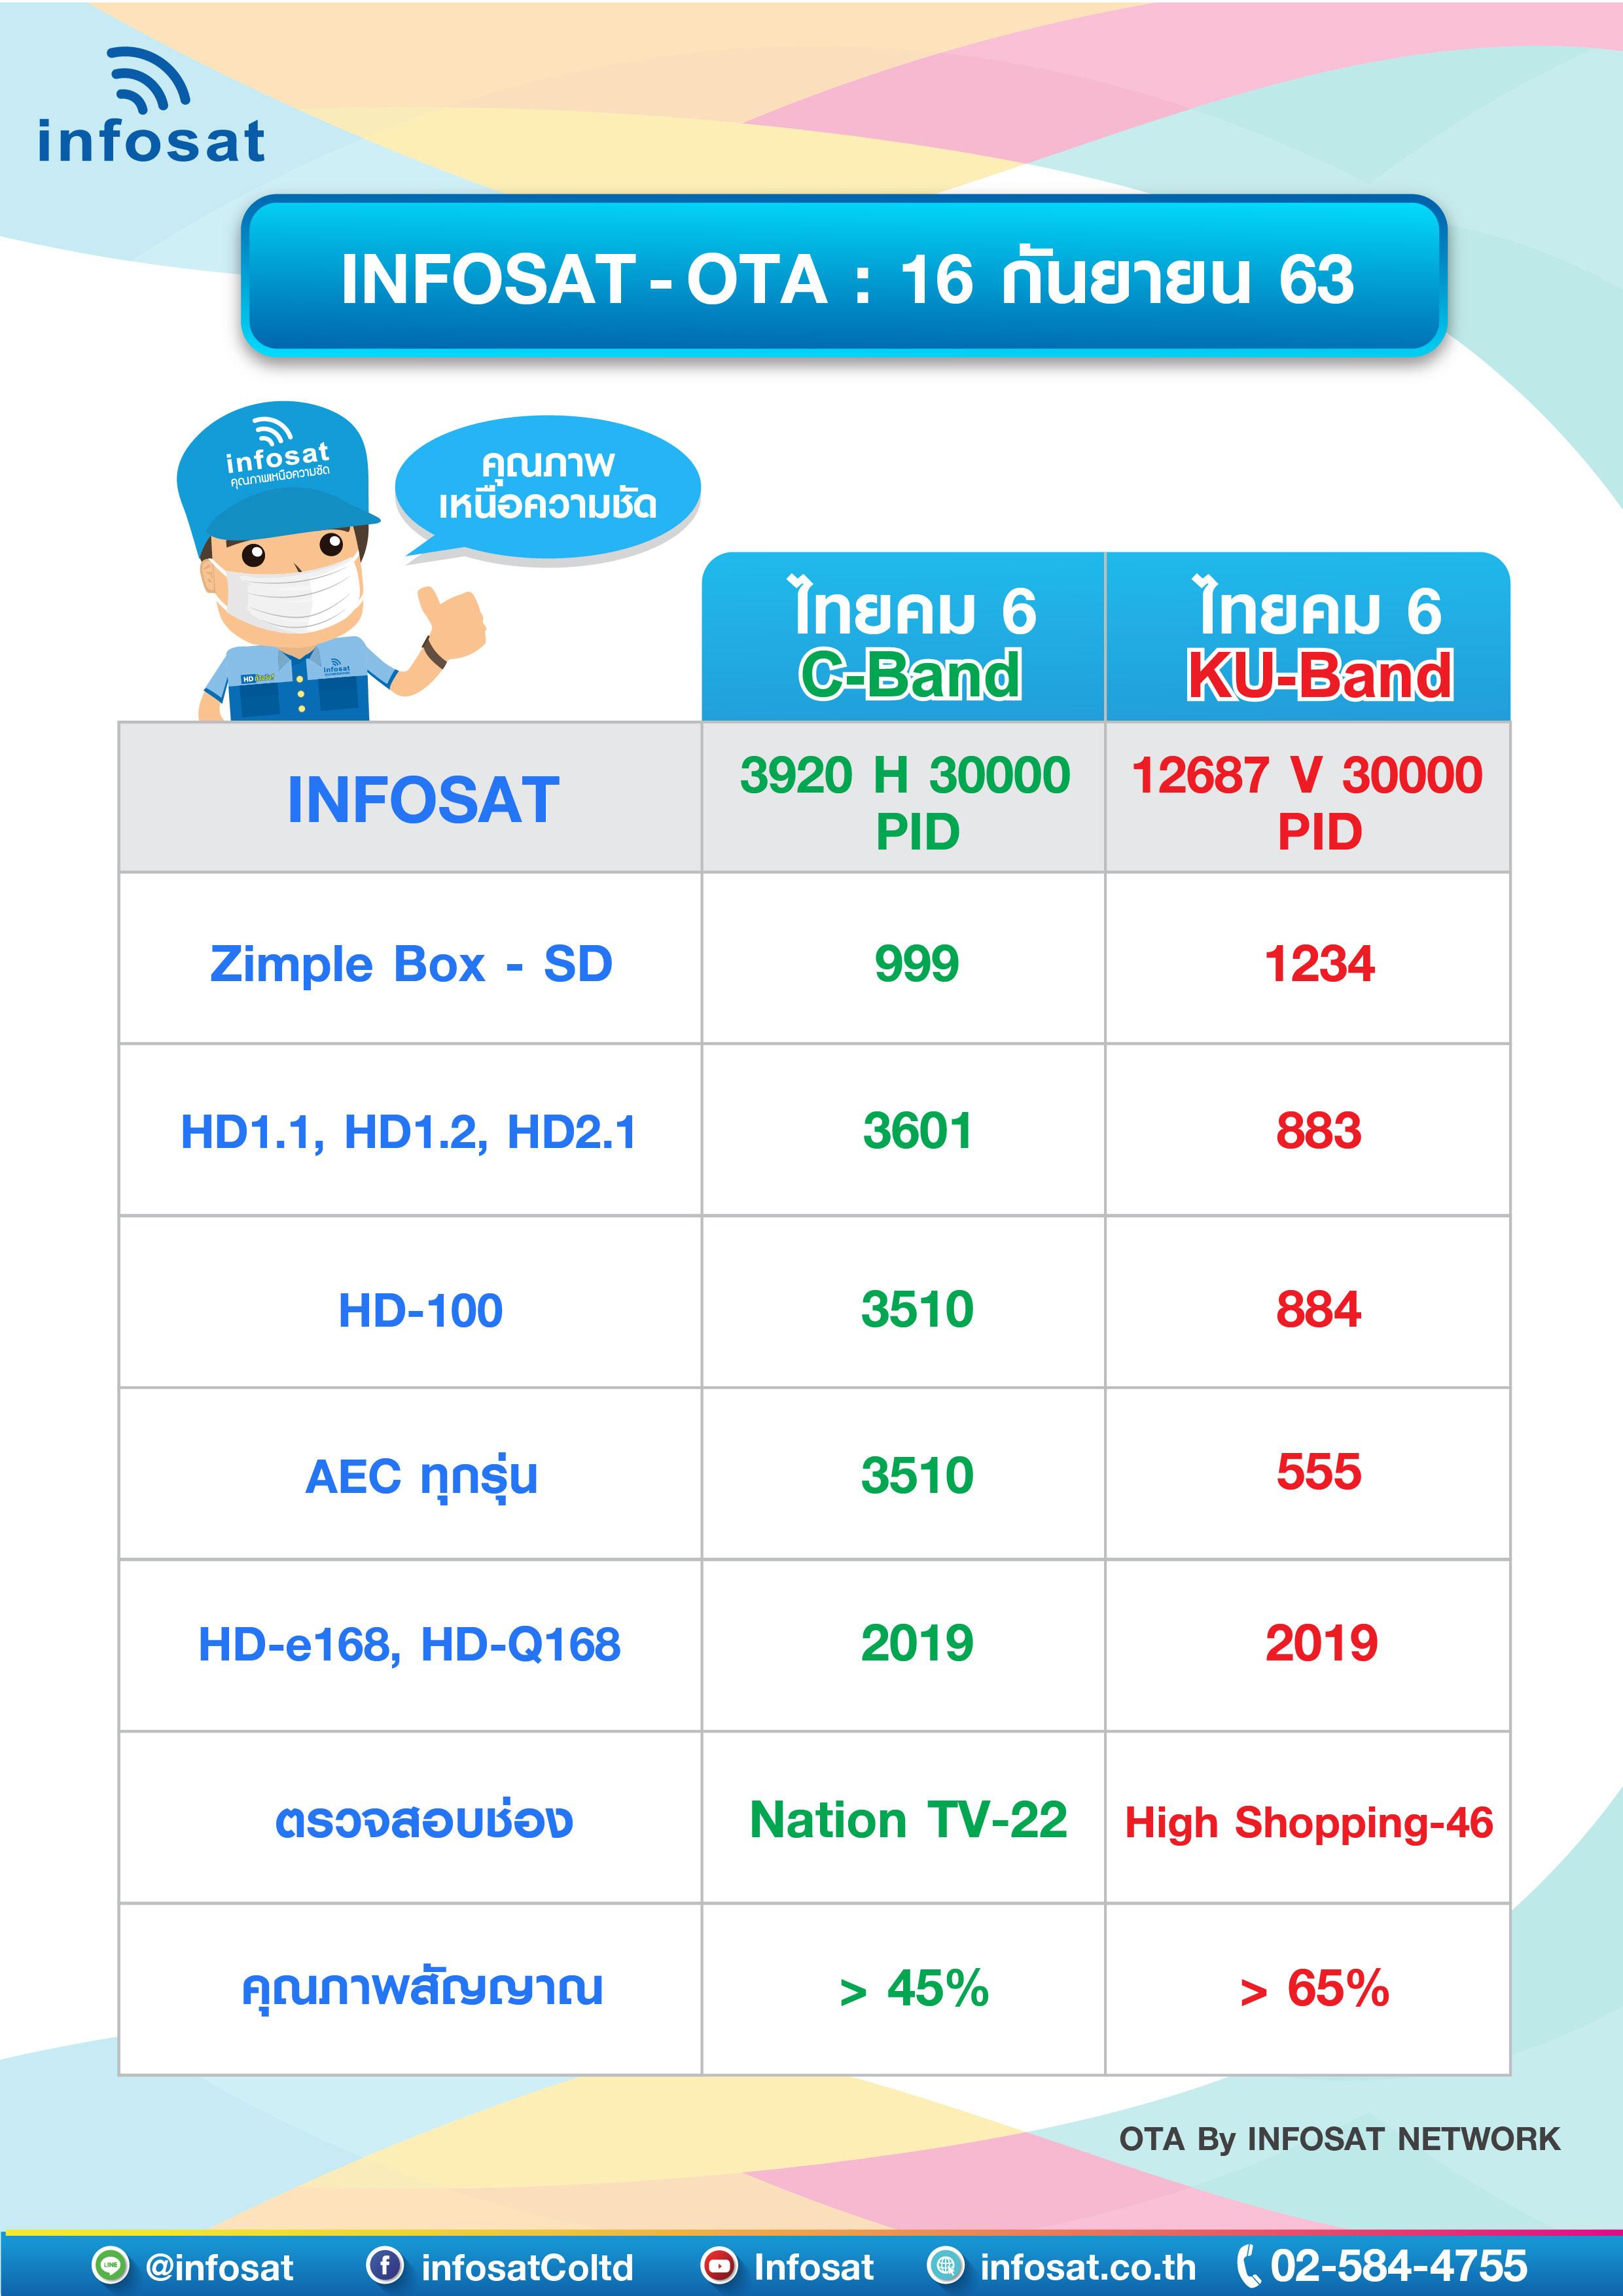 OTA Frequency of September 2020